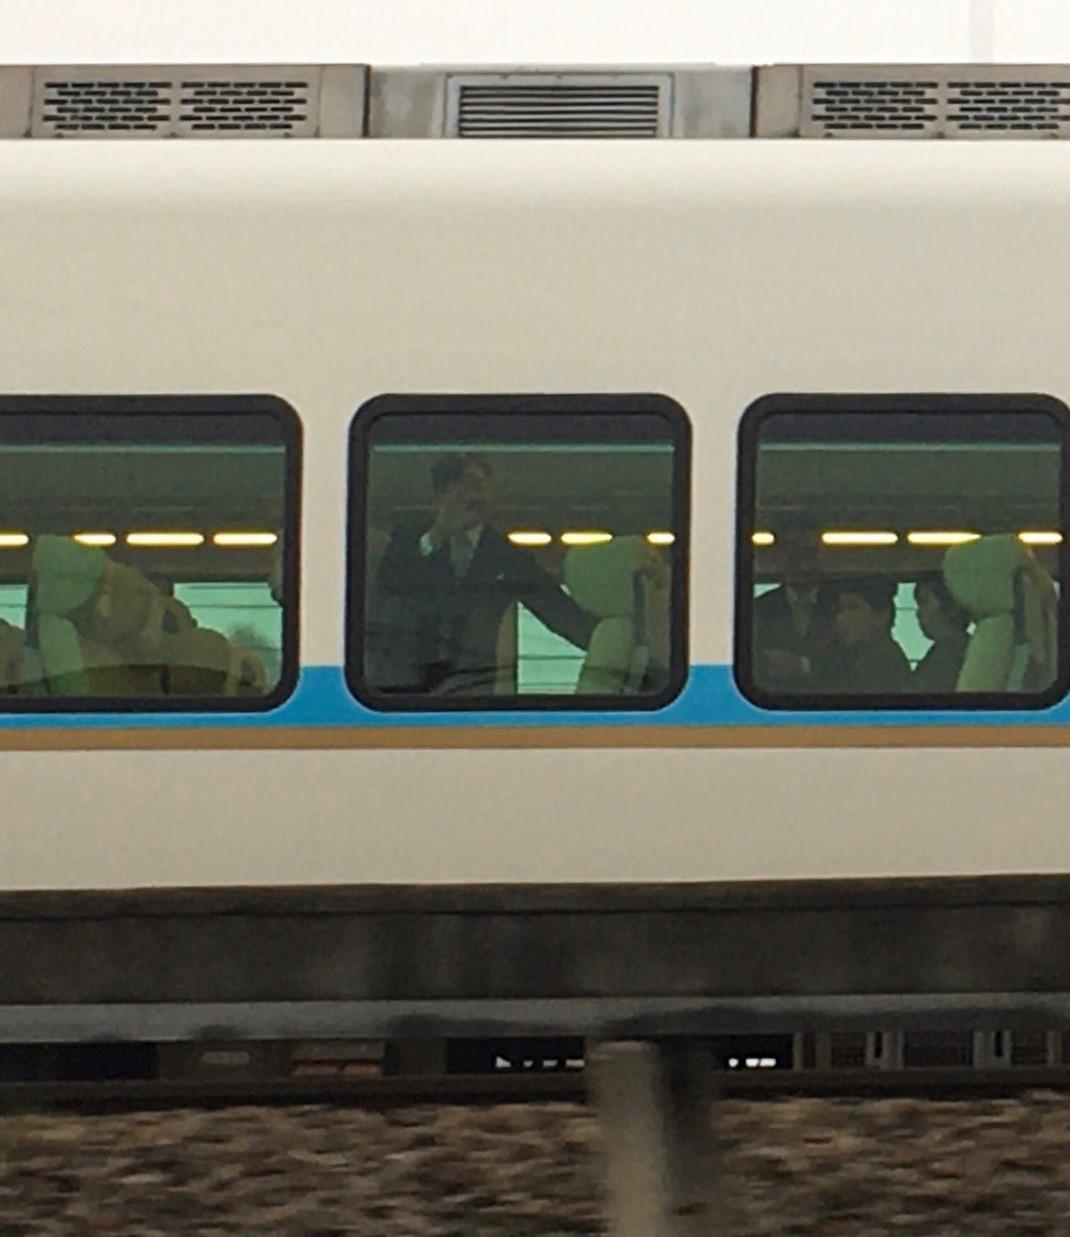 「しまかぜ」お召列車が橿原神宮前~京都間で運転 京都線・橿原線で 朝6時から並ぶ人も 天皇両陛下奈良訪問(親謁の儀)終了に伴う運転